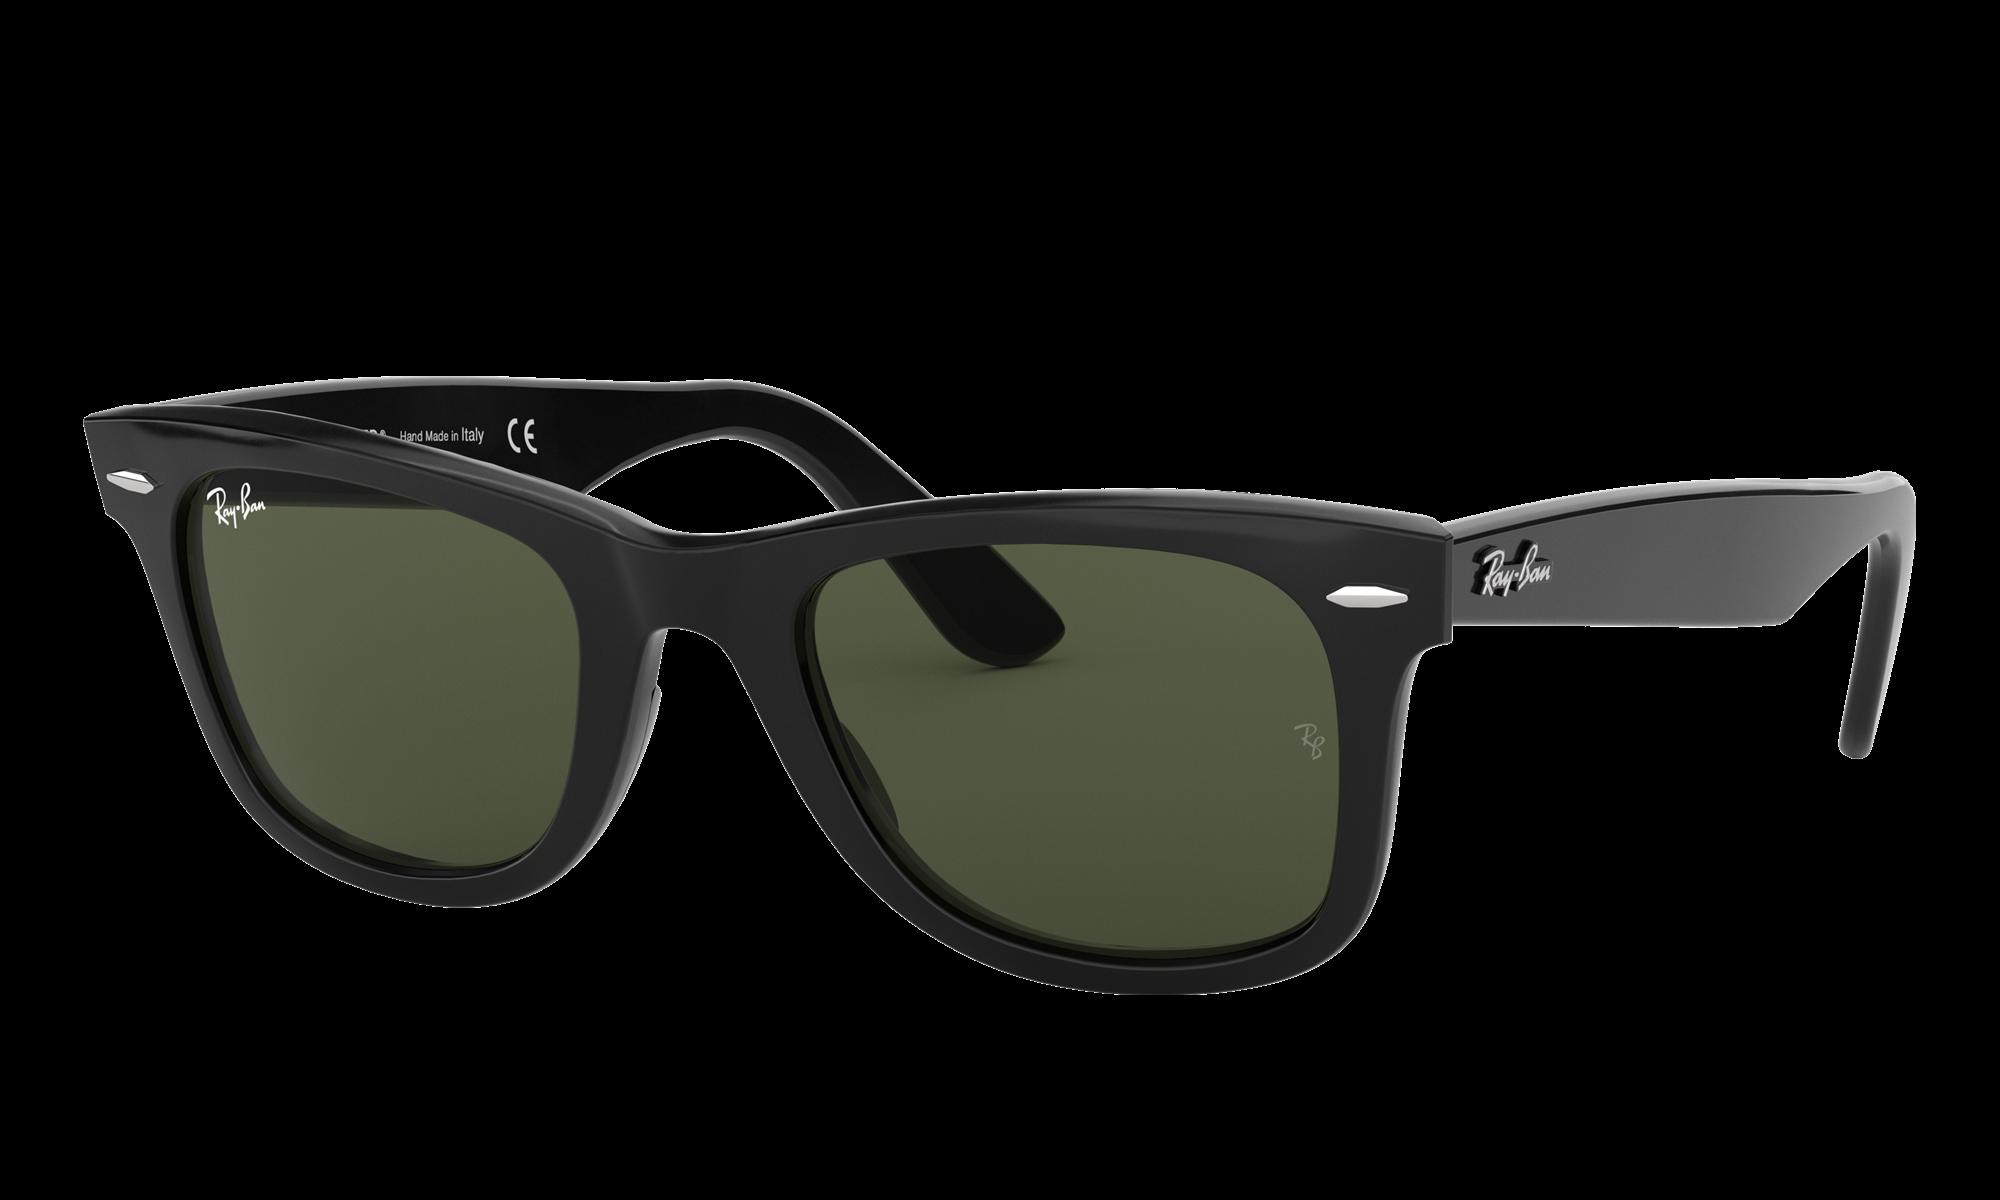 Retro Sunglasses | Vintage Glasses | New Vintage Eyeglasses Ray-Ban Unisex Wayfarer Black Size Standard $154.00 AT vintagedancer.com